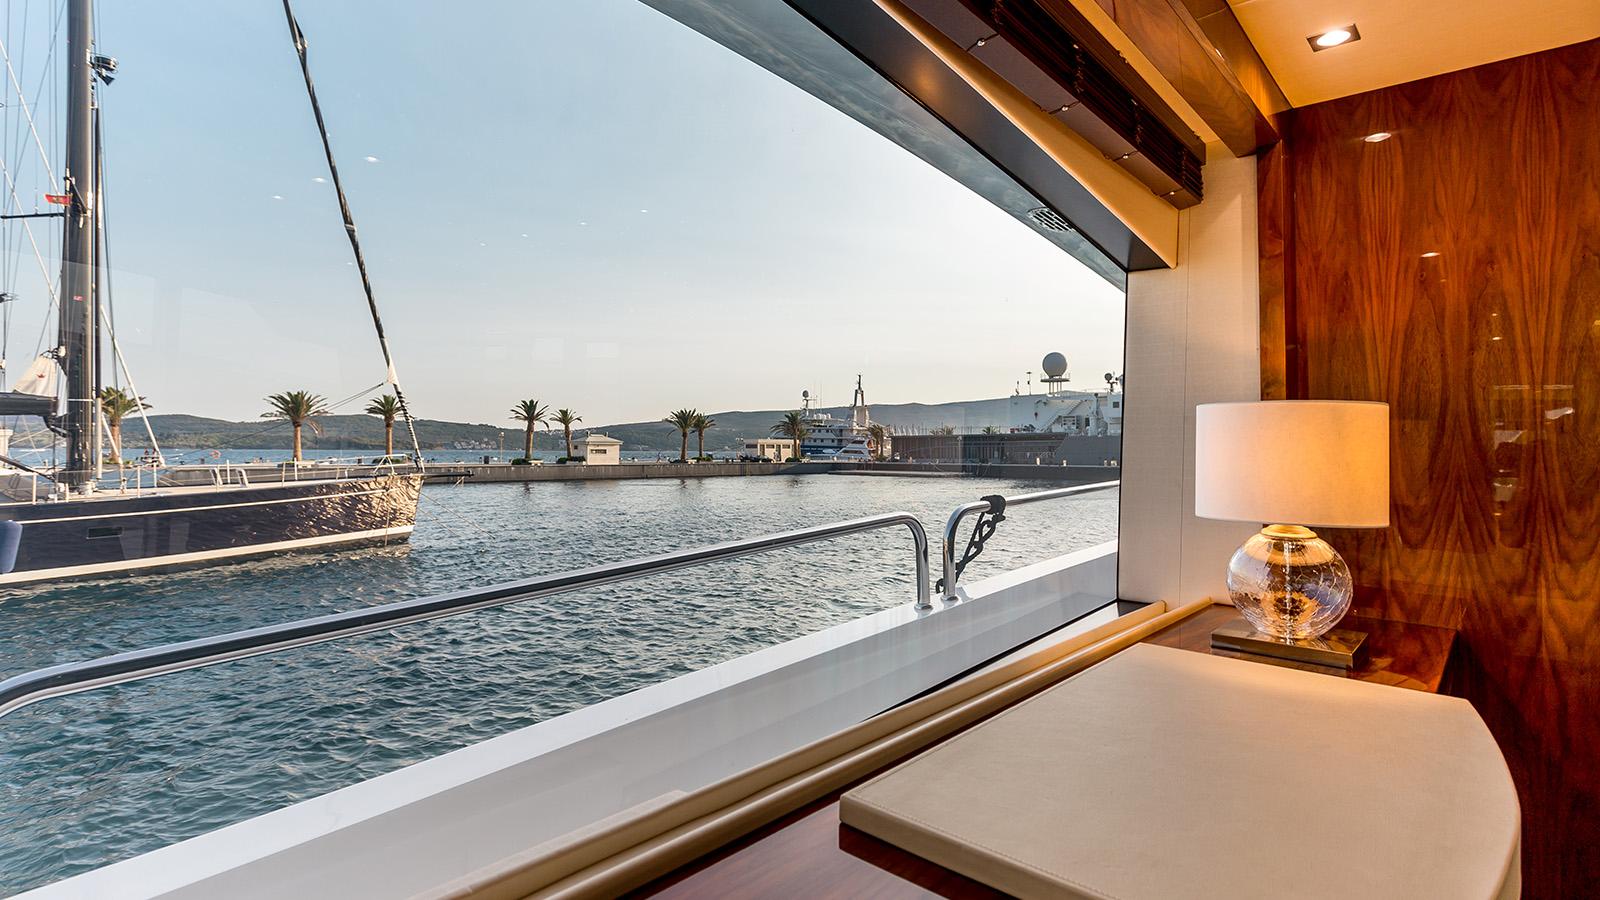 Sunseeker 86 Yacht - Stardust of Poole - Window